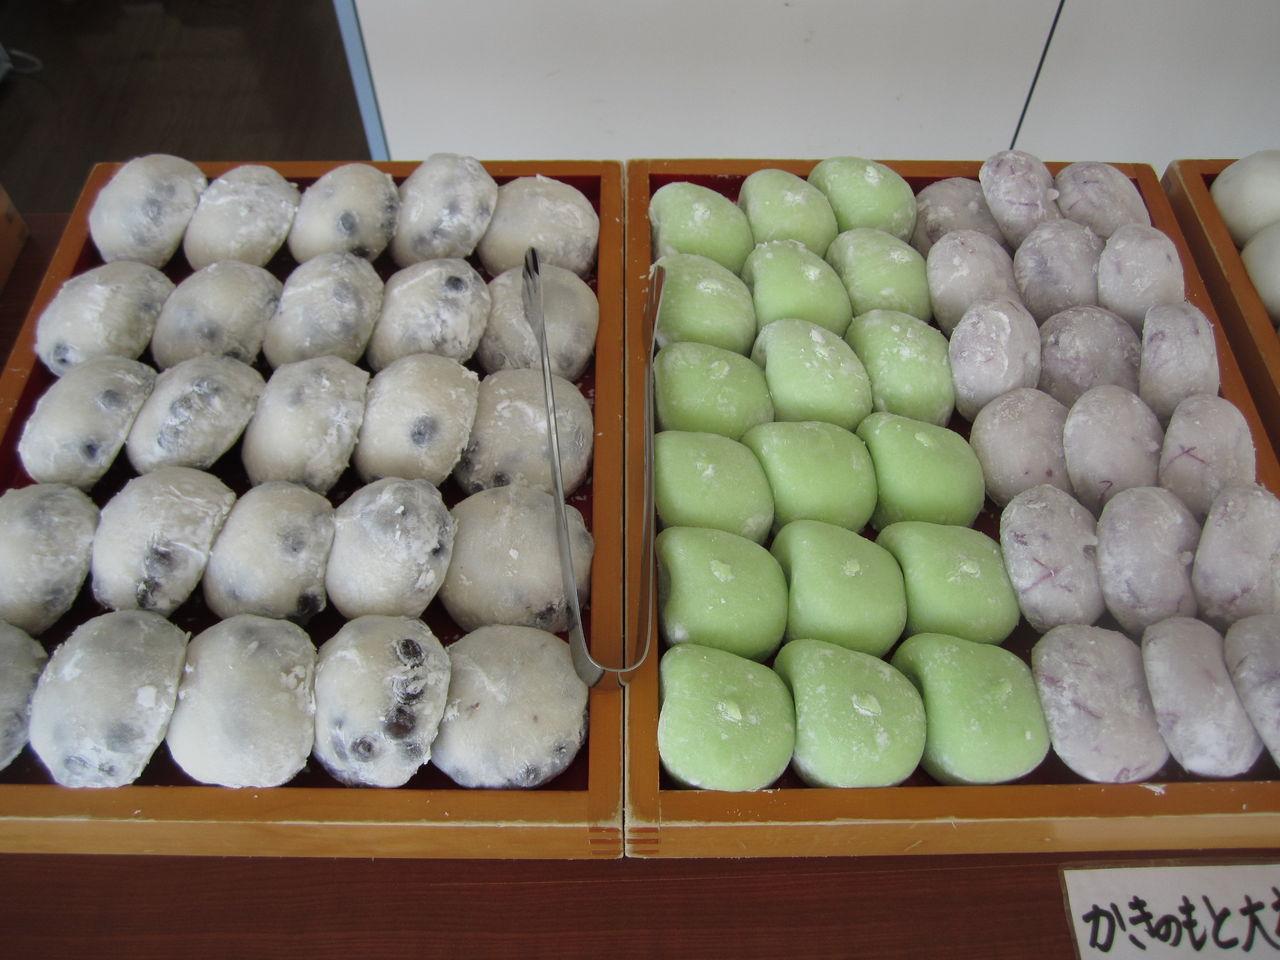 越後新潟★笹だんご屋店主の日記:みなと工房和菓子バイキング ...